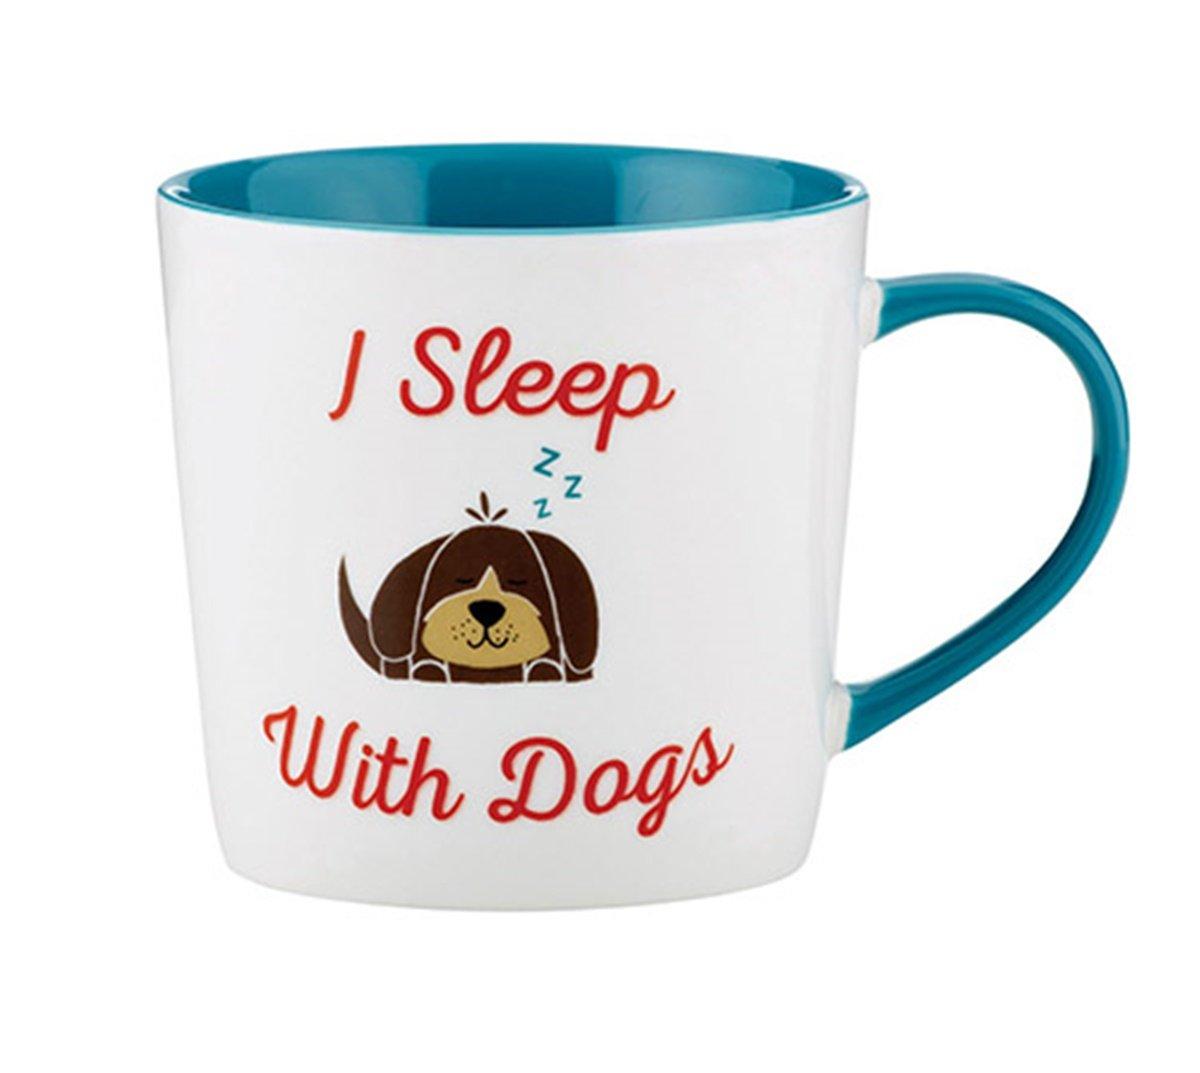 Animal Coffee Mug- I Sleep With Dogs,14oz